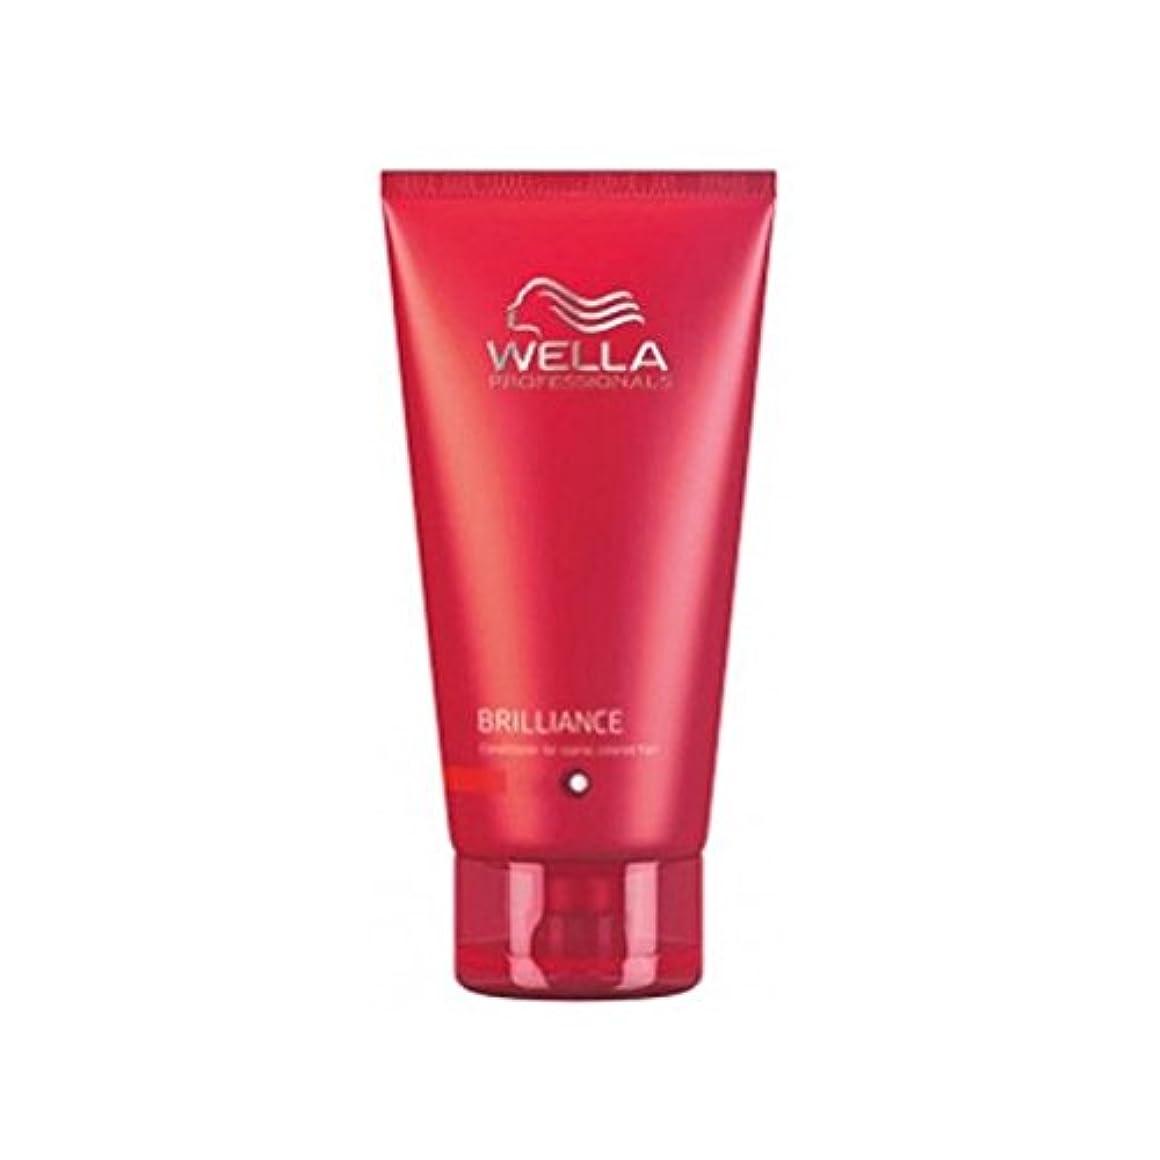 舌な愛情深い哲学博士ウェラの専門家が通常に細かいためのコンディショナーを輝き、色の髪(200ミリリットル) x2 - Wella Professionals Brilliance Conditioner For Fine To Normal, Coloured Hair (200ml) (Pack of 2) [並行輸入品]